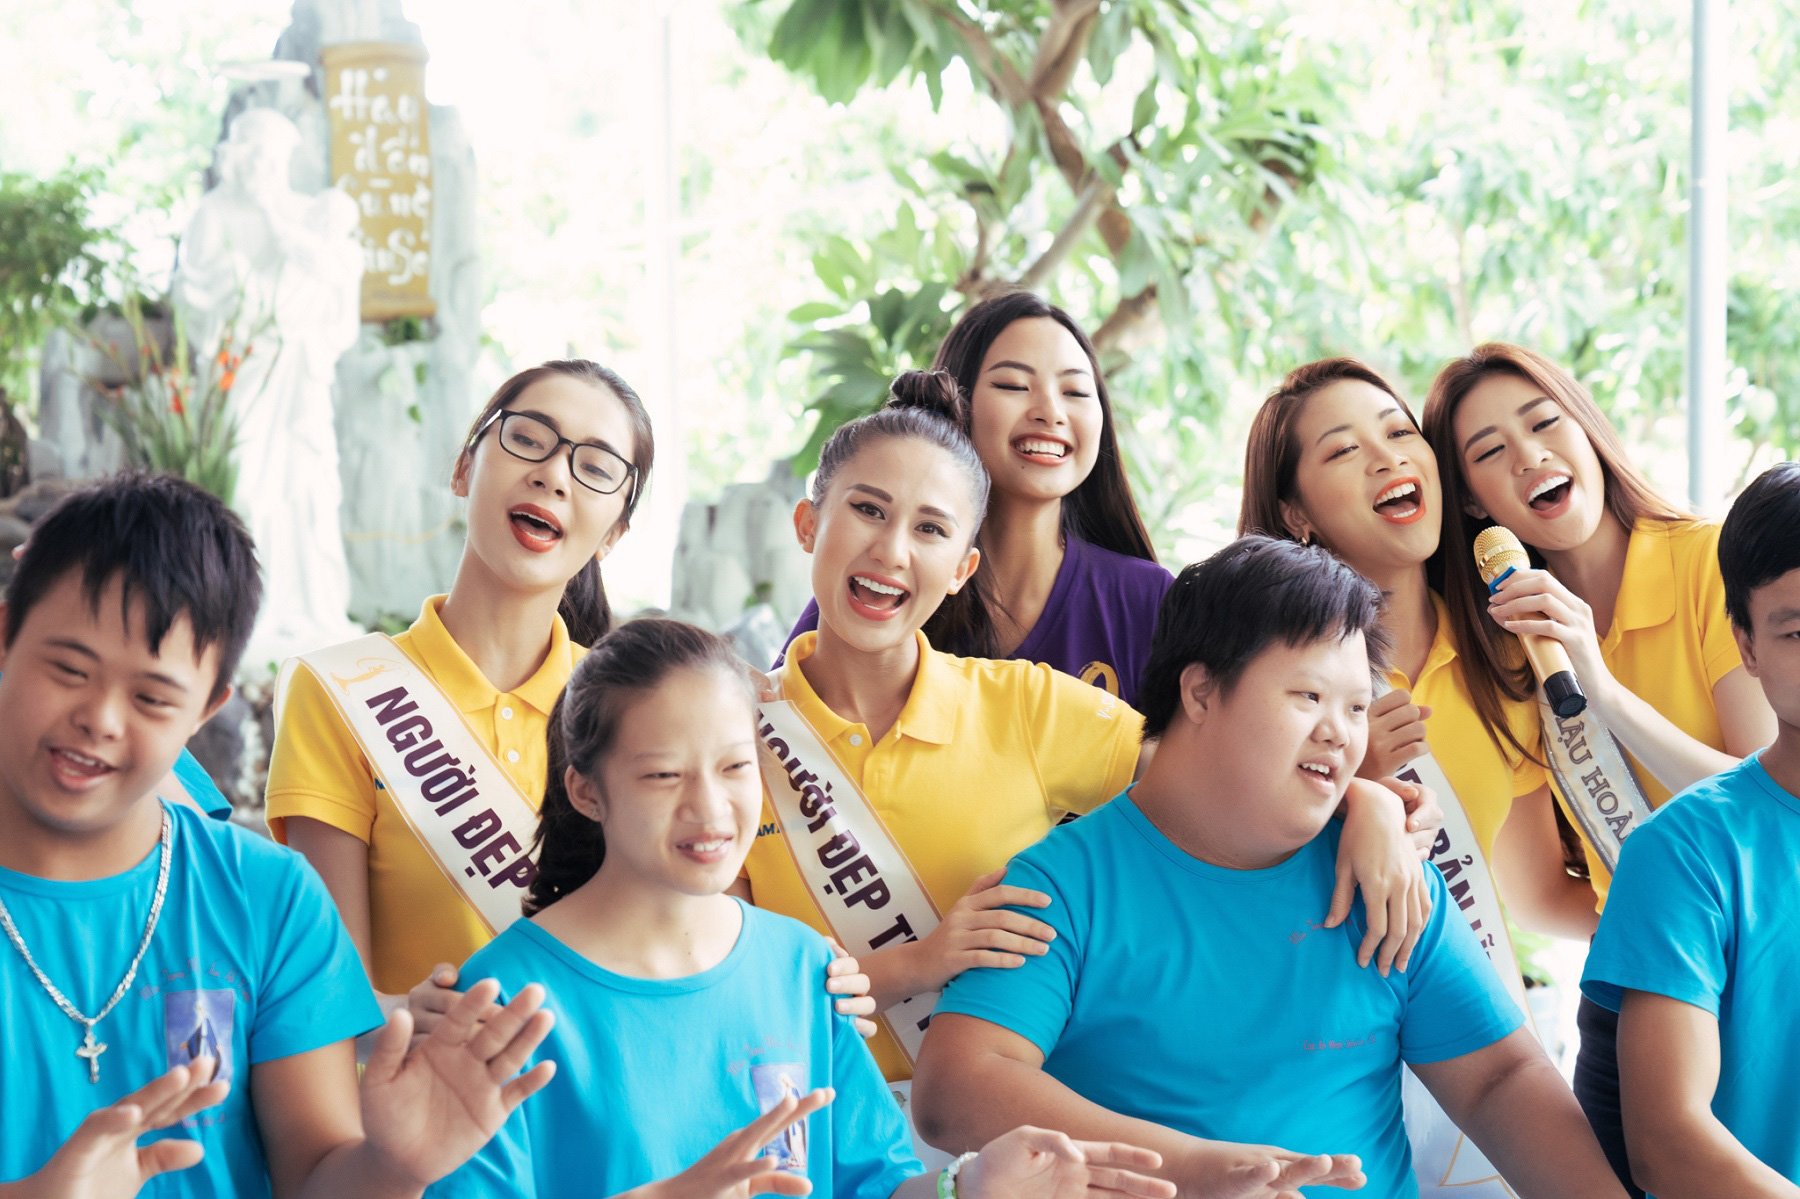 Nam A Bank đồng hành cùng tân Hoa Hậu Hoàn Vũ Việt Nam 2019 trao quà cho trẻ em tại mái ấm hy vọng - Ảnh 3.